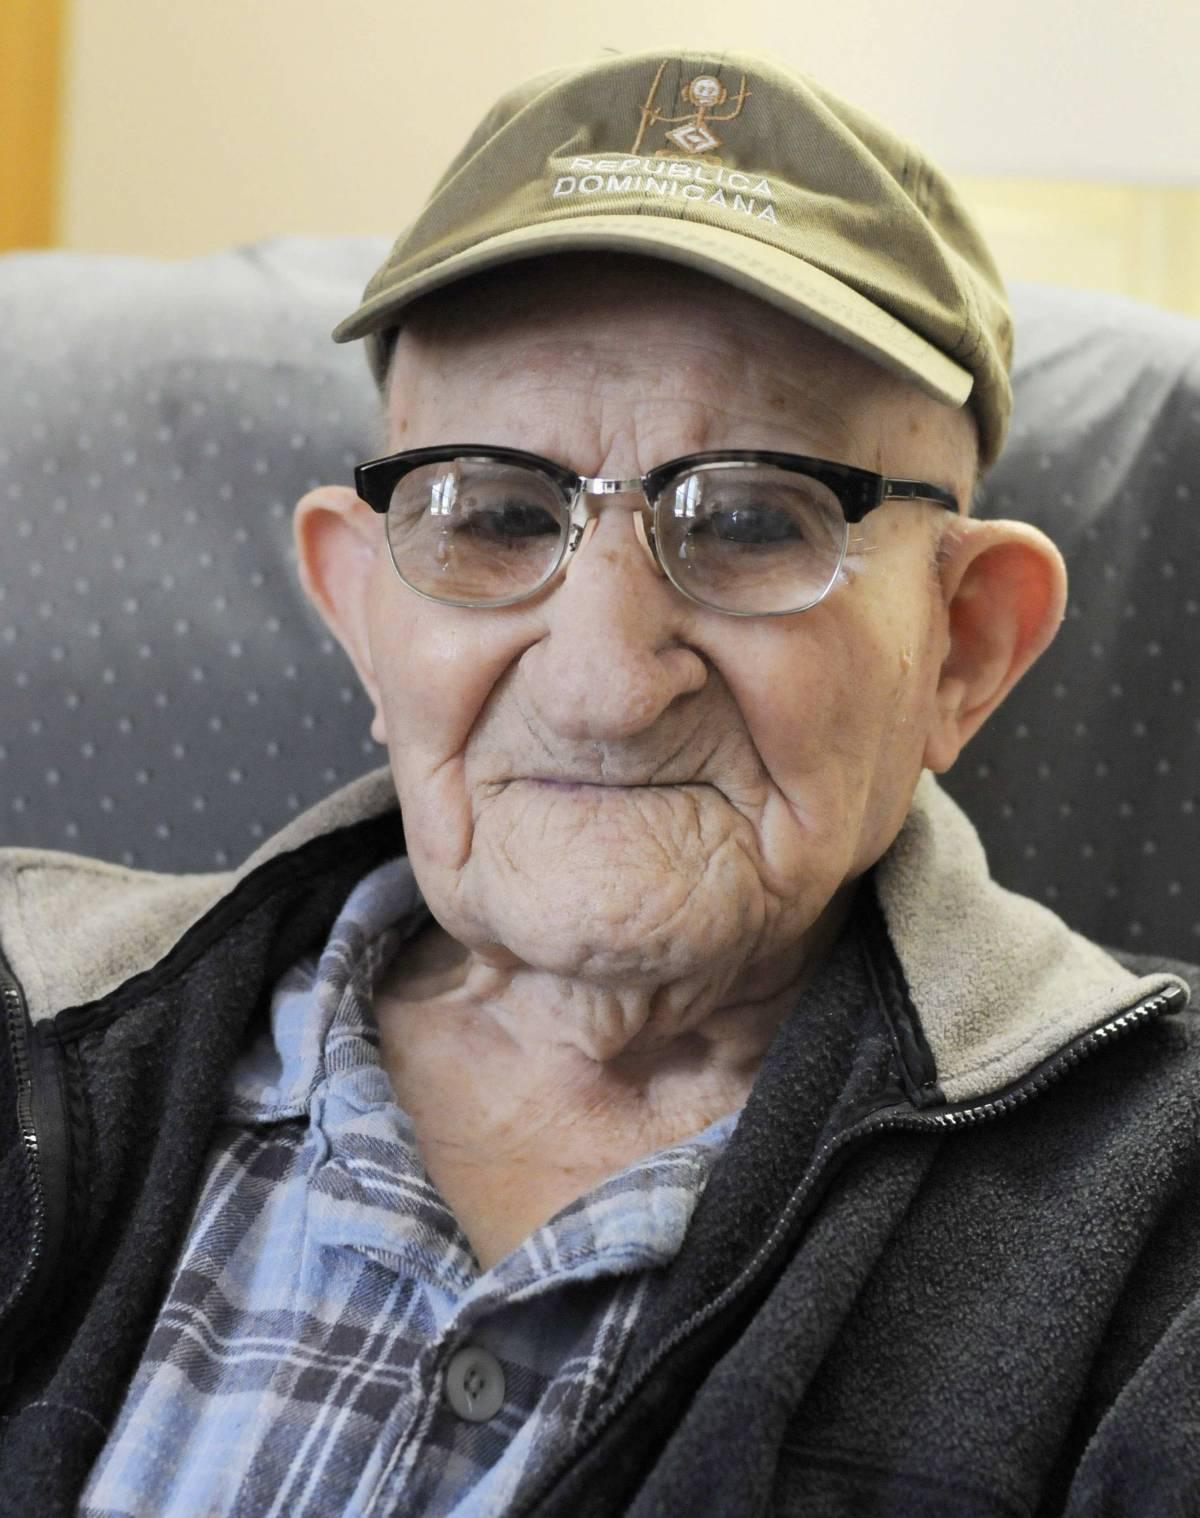 È morto l'uomo più vecchio del mondo: aveva ben 112 anni